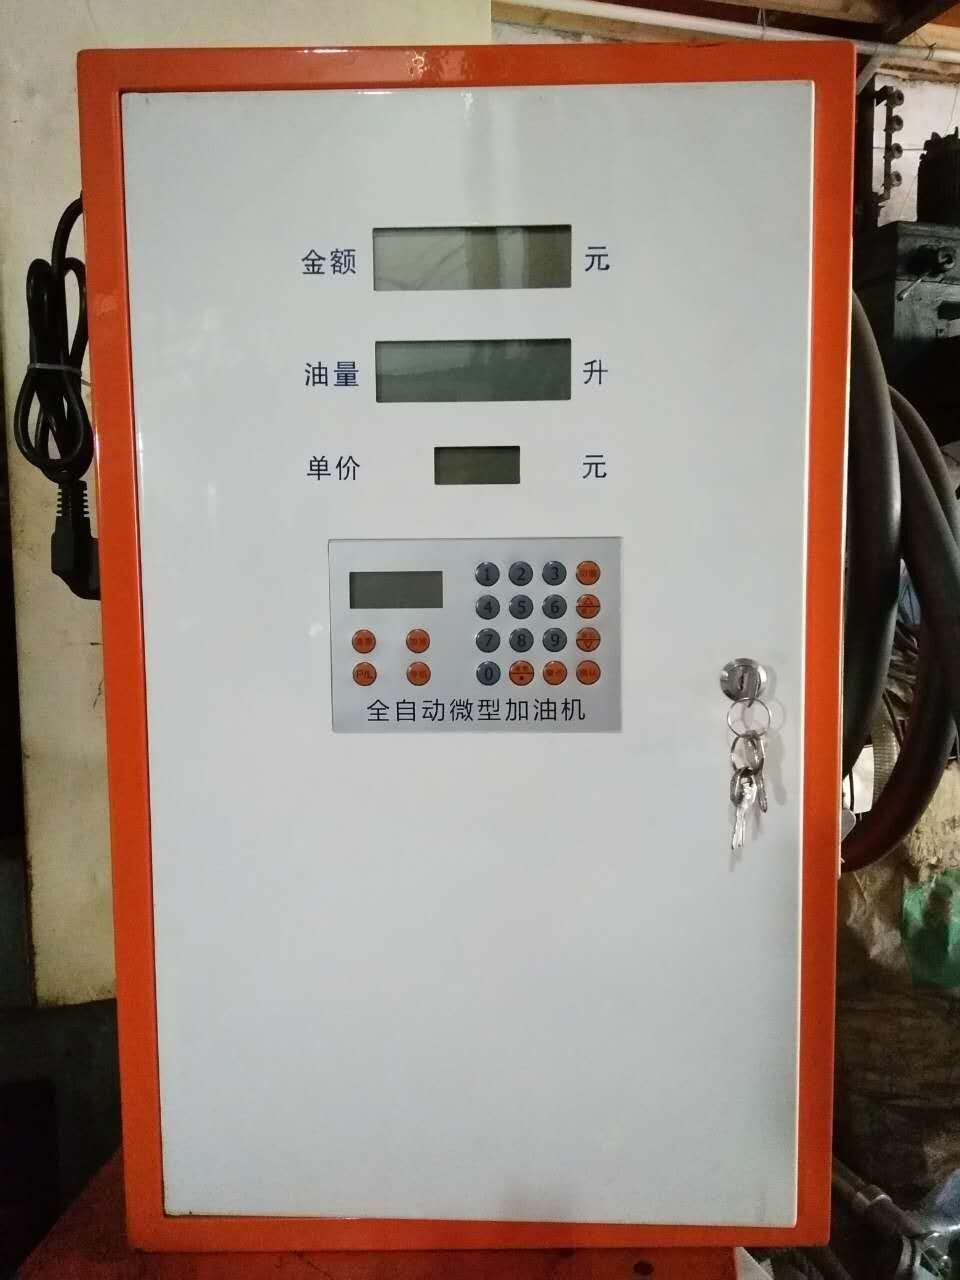 Vechile Dispenser